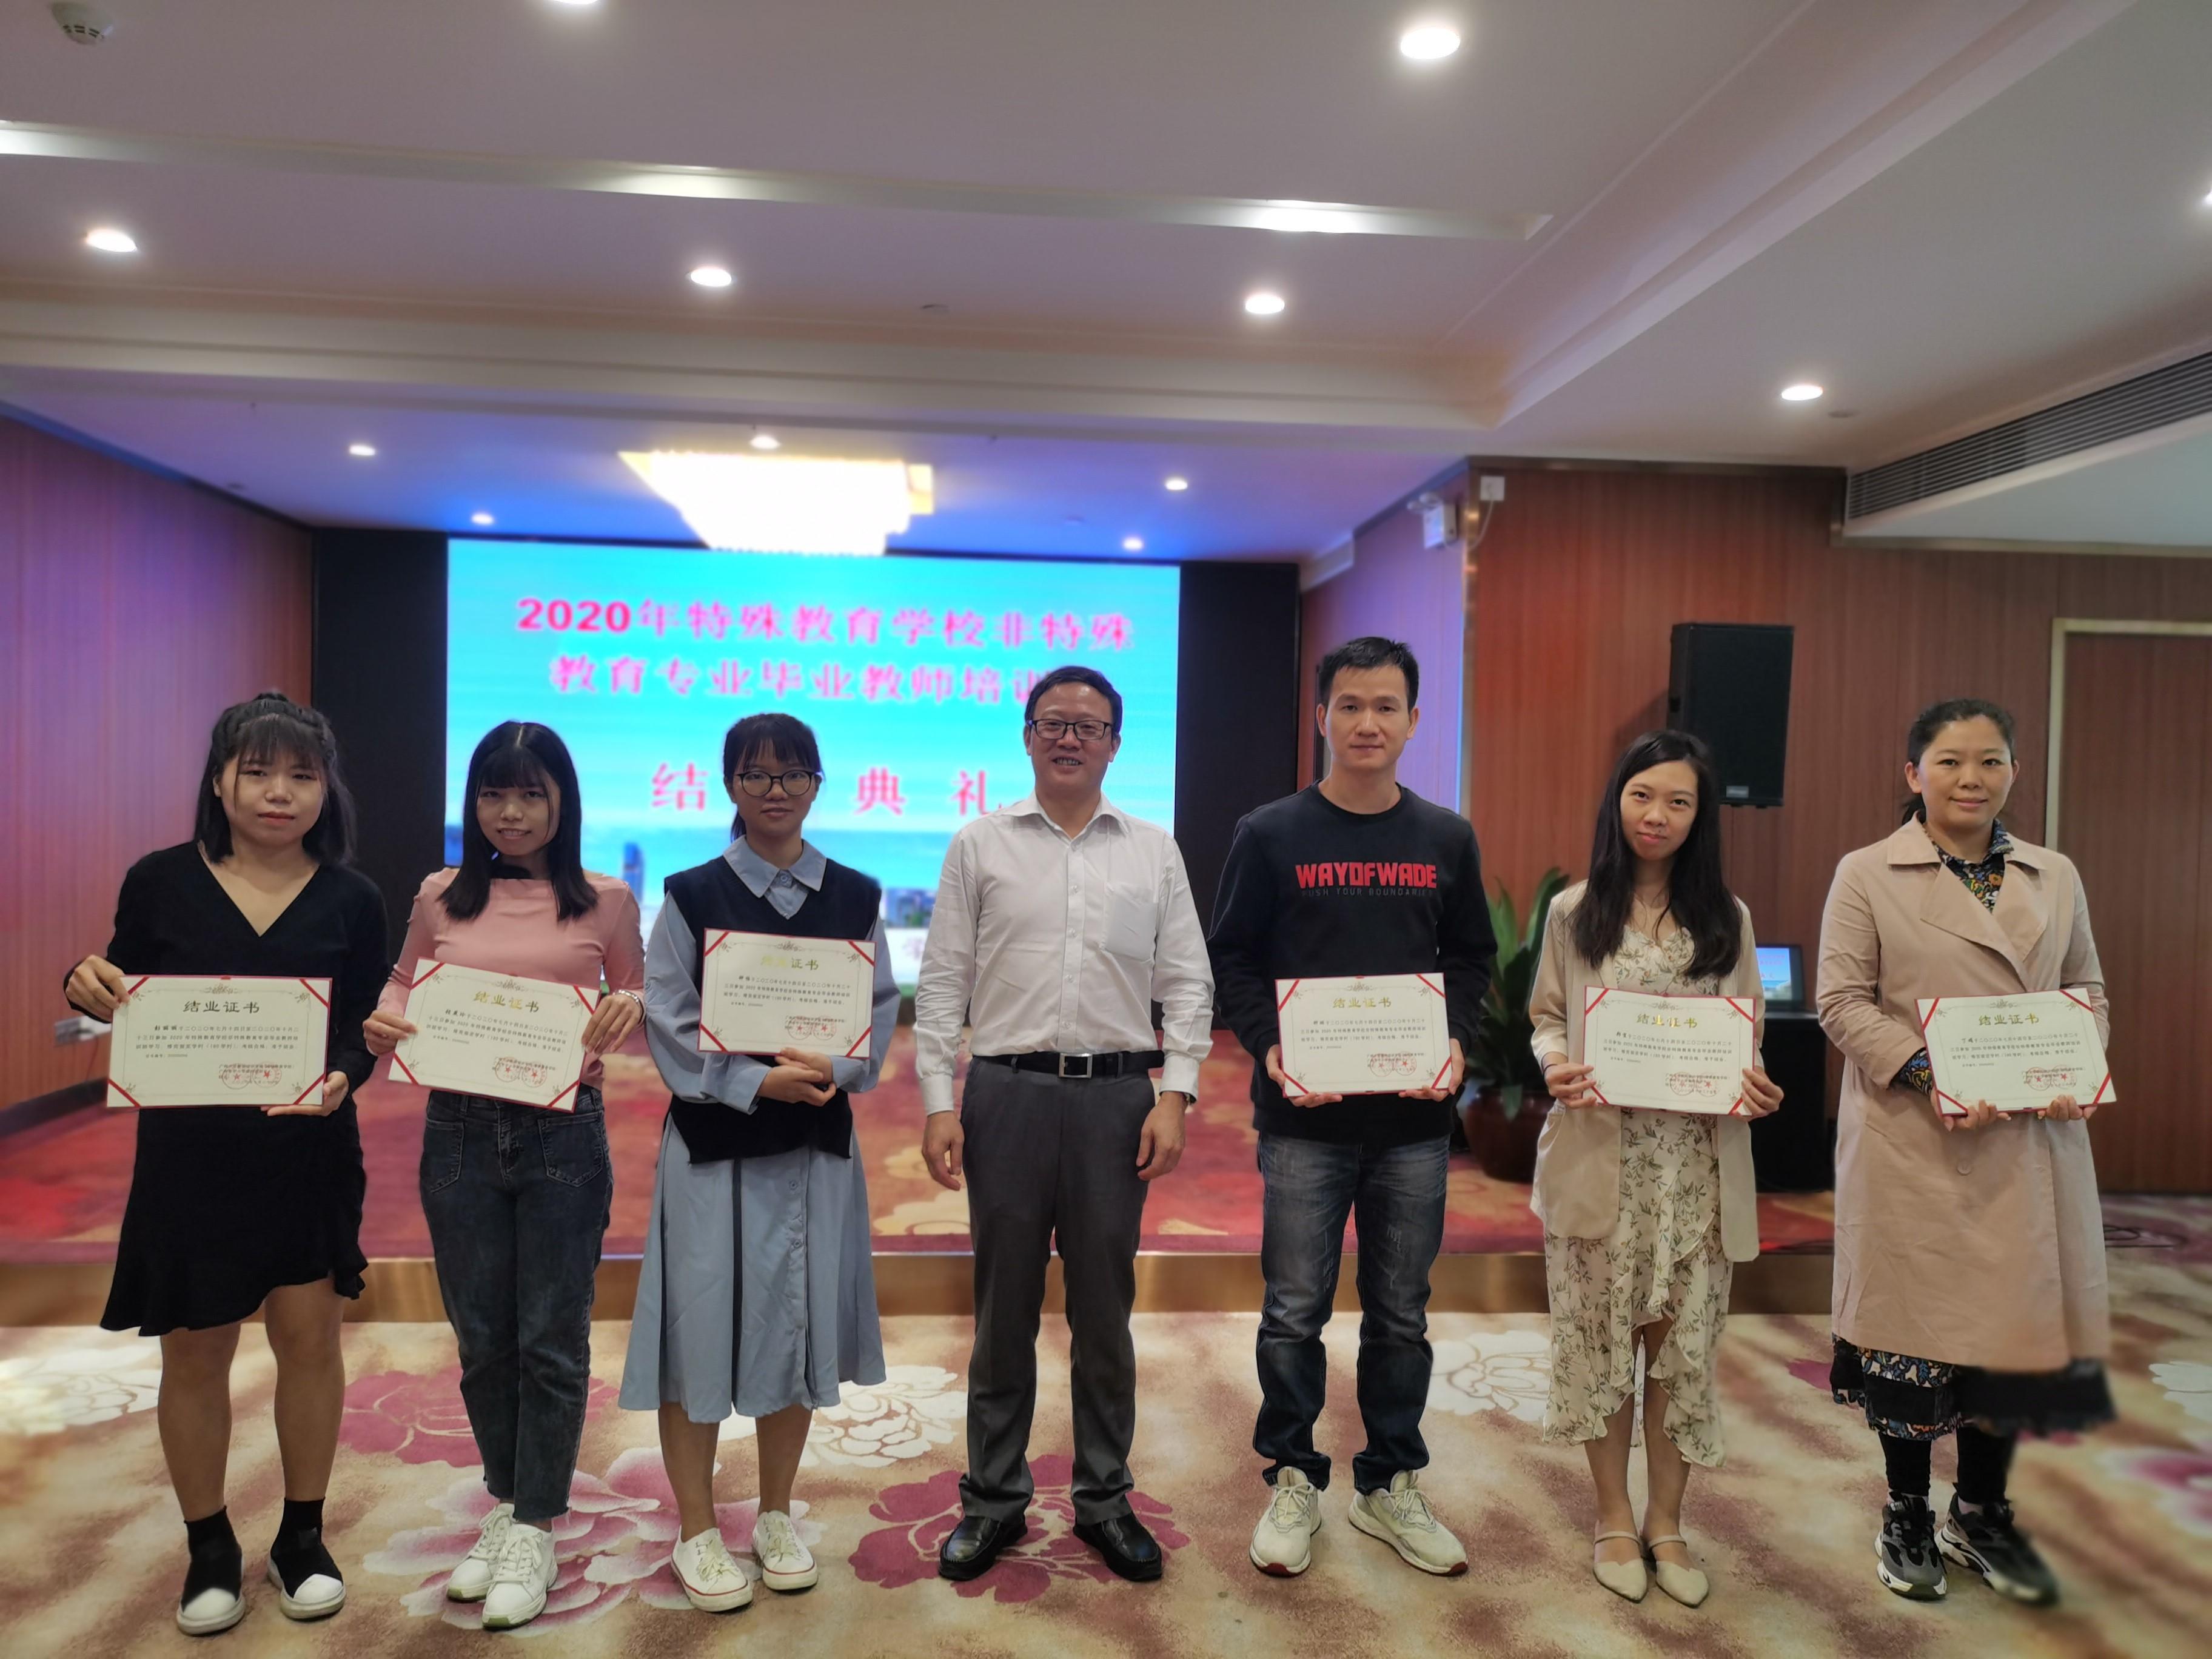 广州大学_特殊教育学校非特殊教育专业毕业教师培训圆满完成